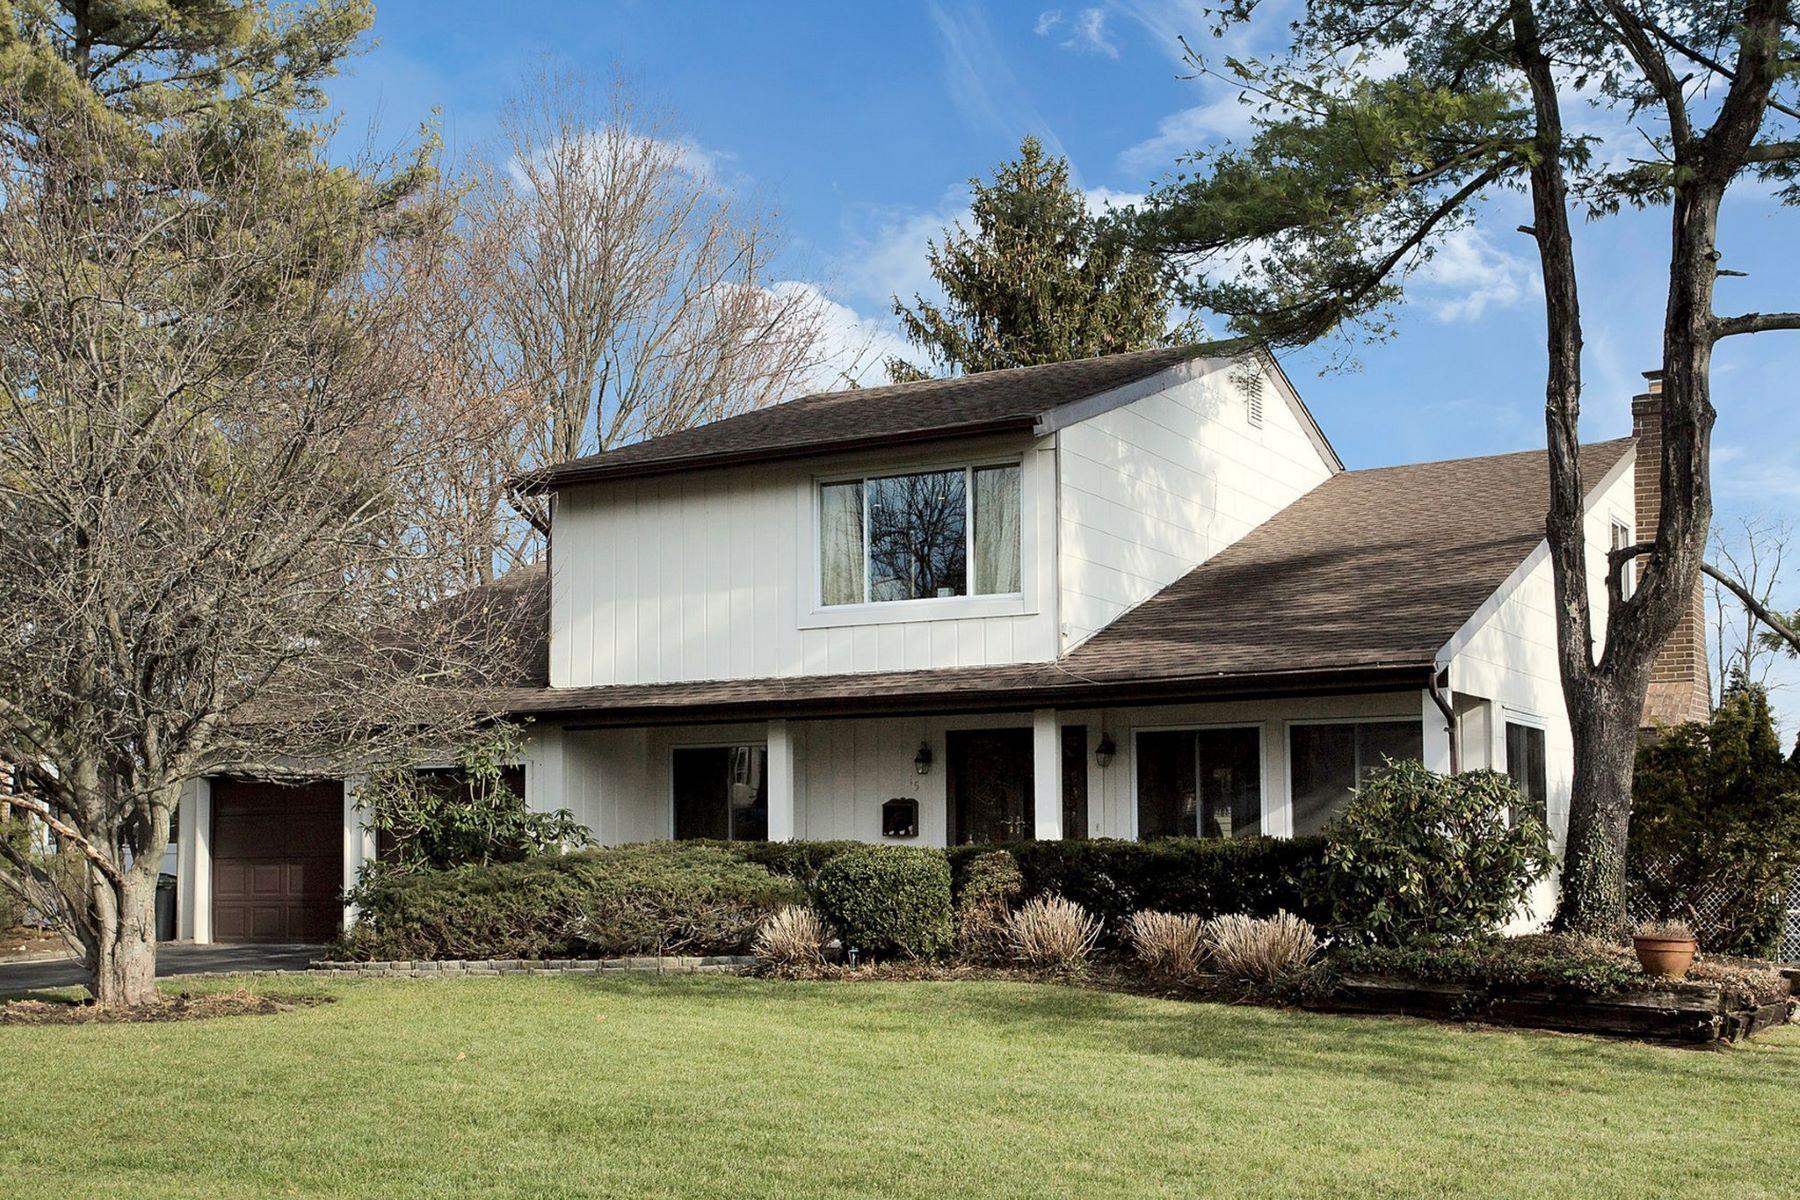 Частный односемейный дом для того Продажа на 15 Bridle Ln , Glen Cove, NY 11542 15 Bridle Ln, Glen Cove, Нью-Йорк, 11542 Соединенные Штаты